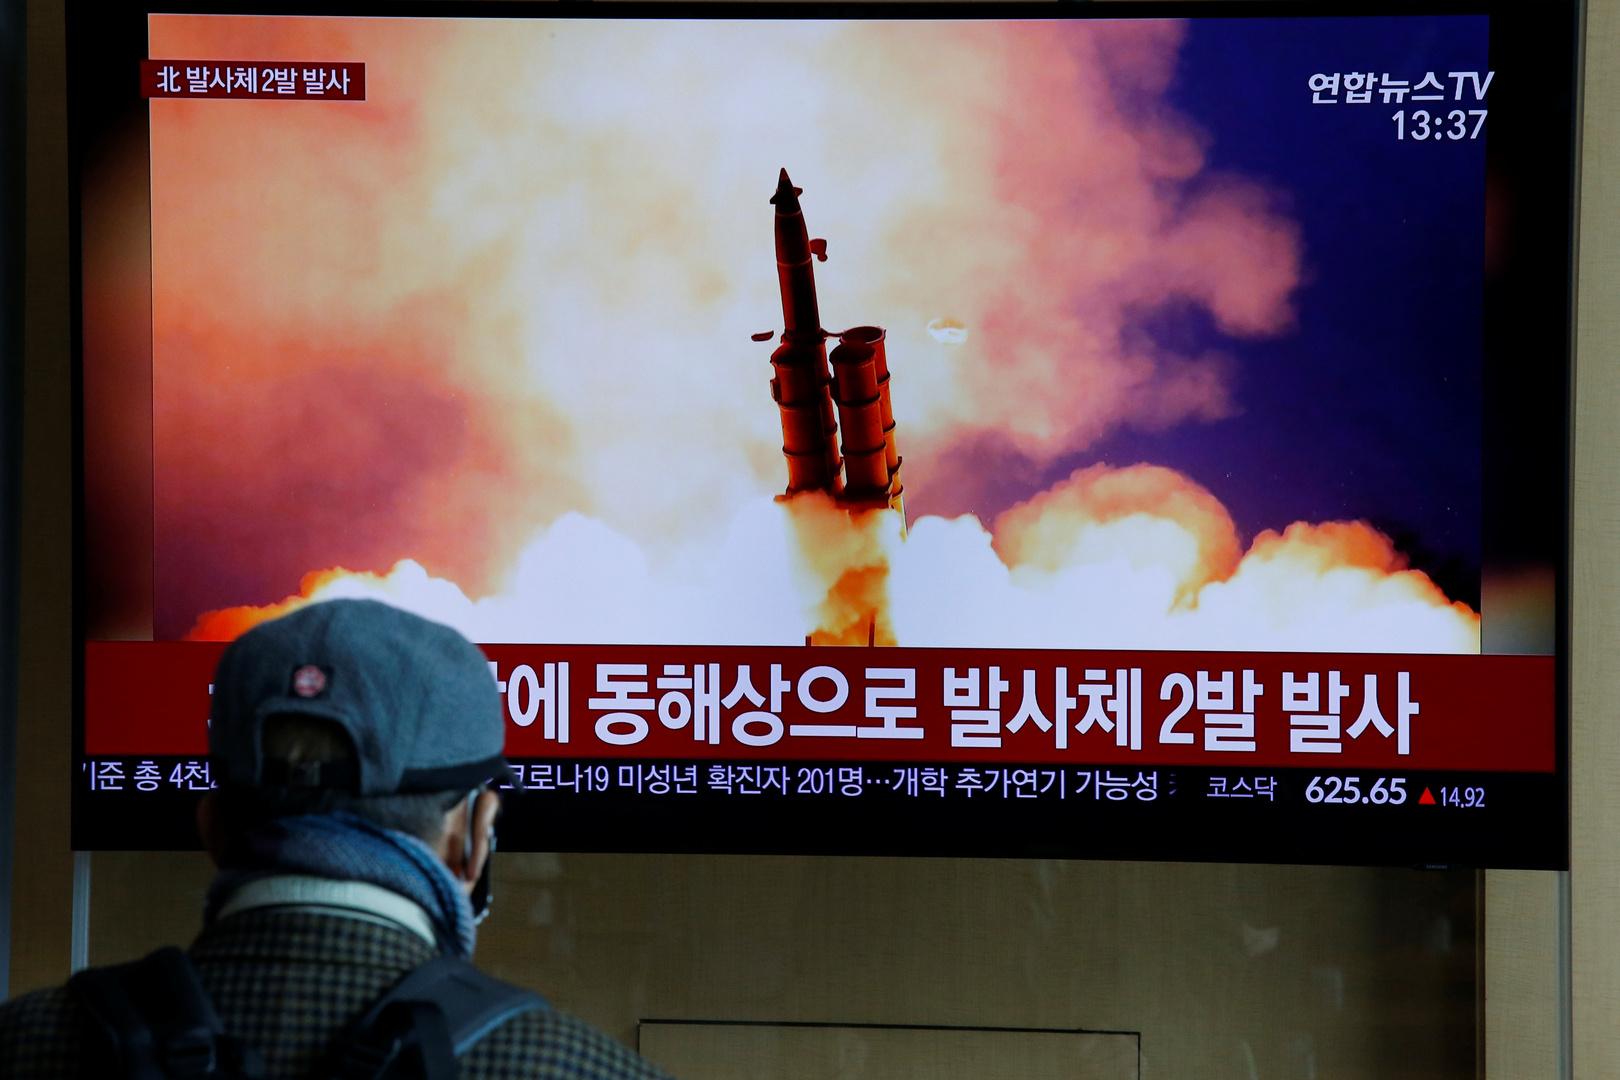 كوريا الشمالية تعتزم تطوير صواريخ بعيدة المدى